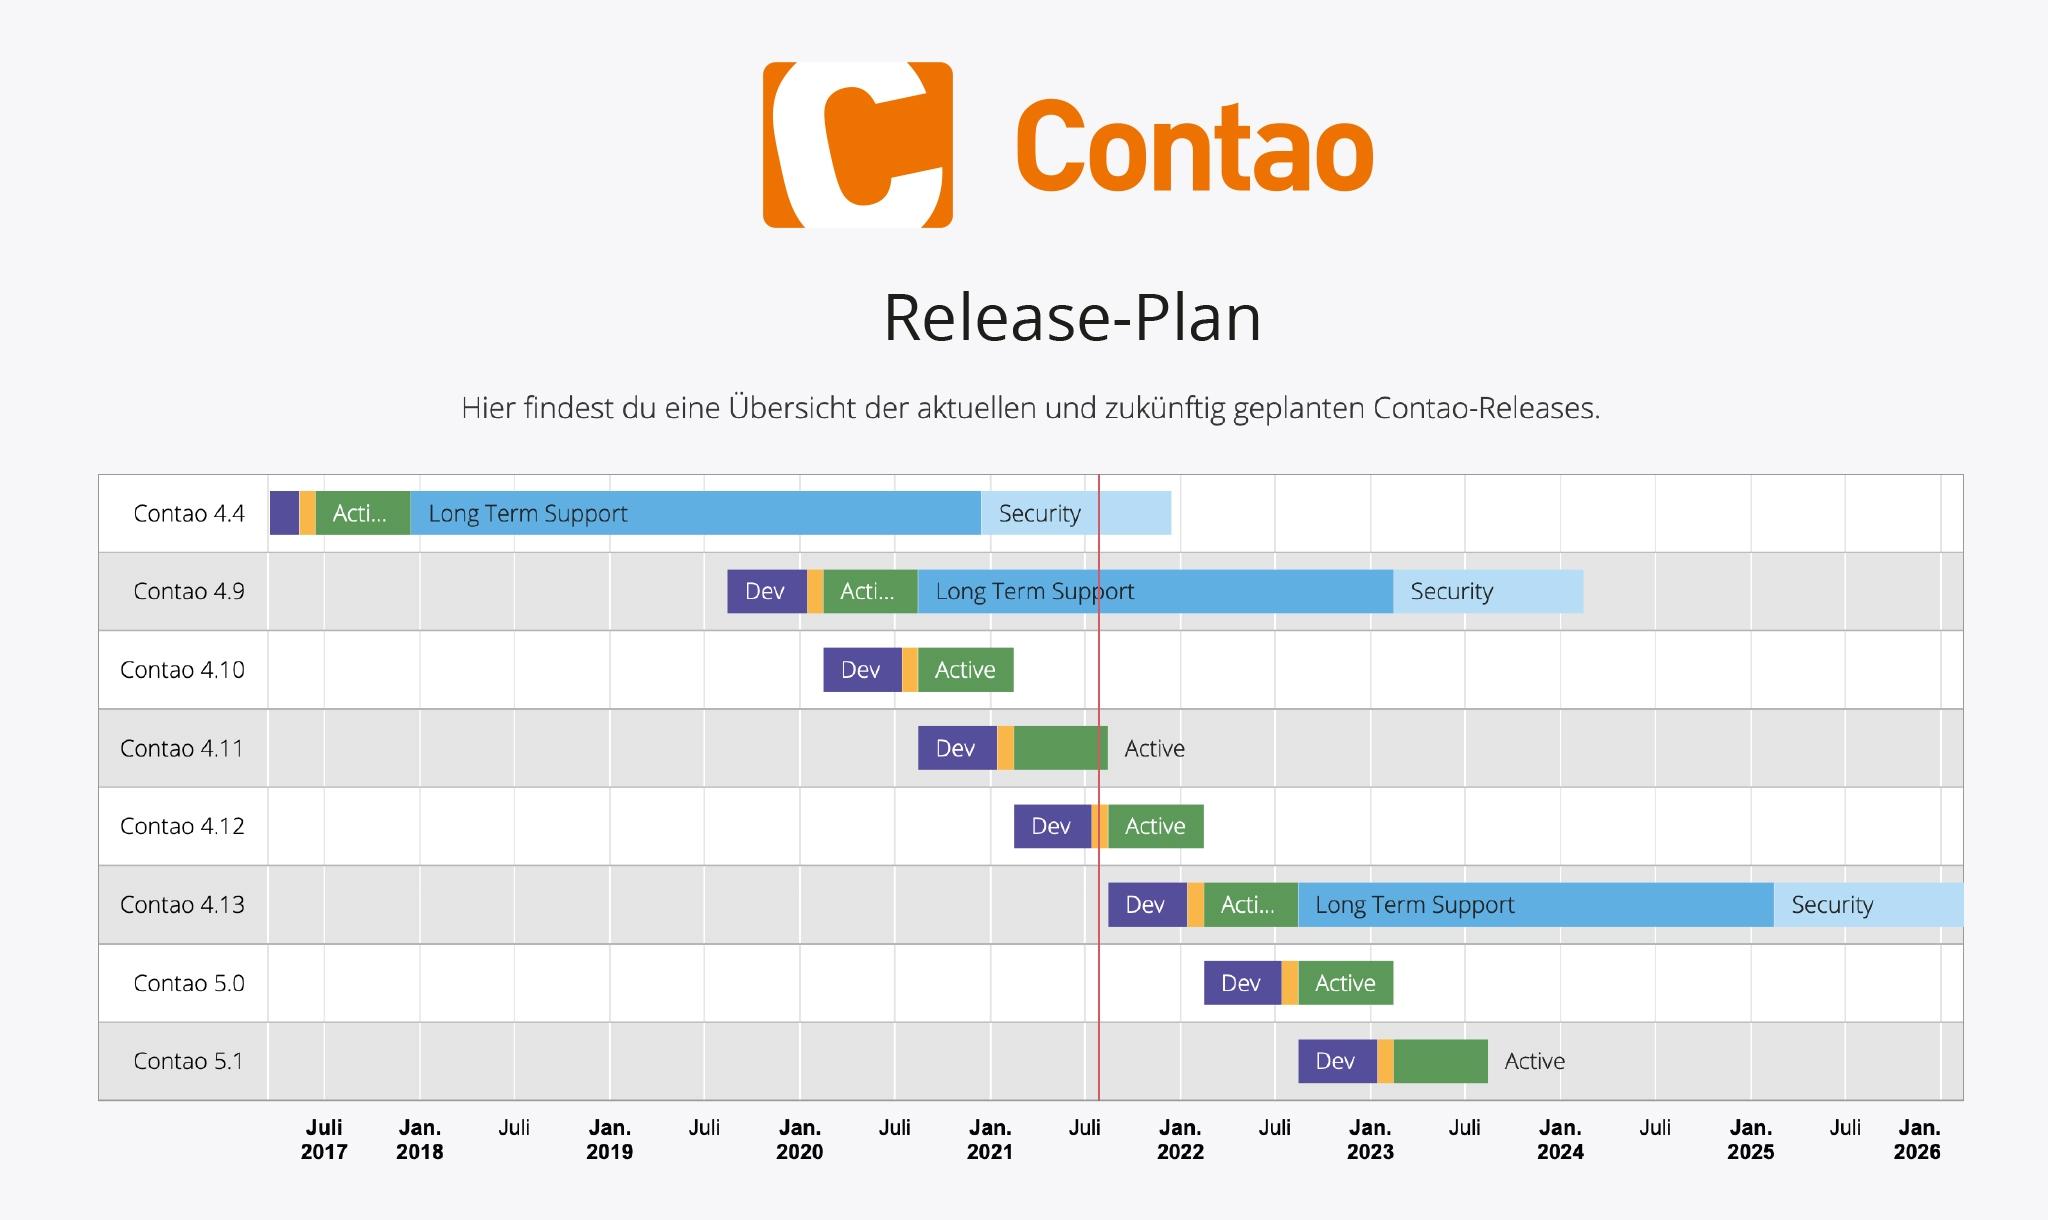 Contao-Release-Plan